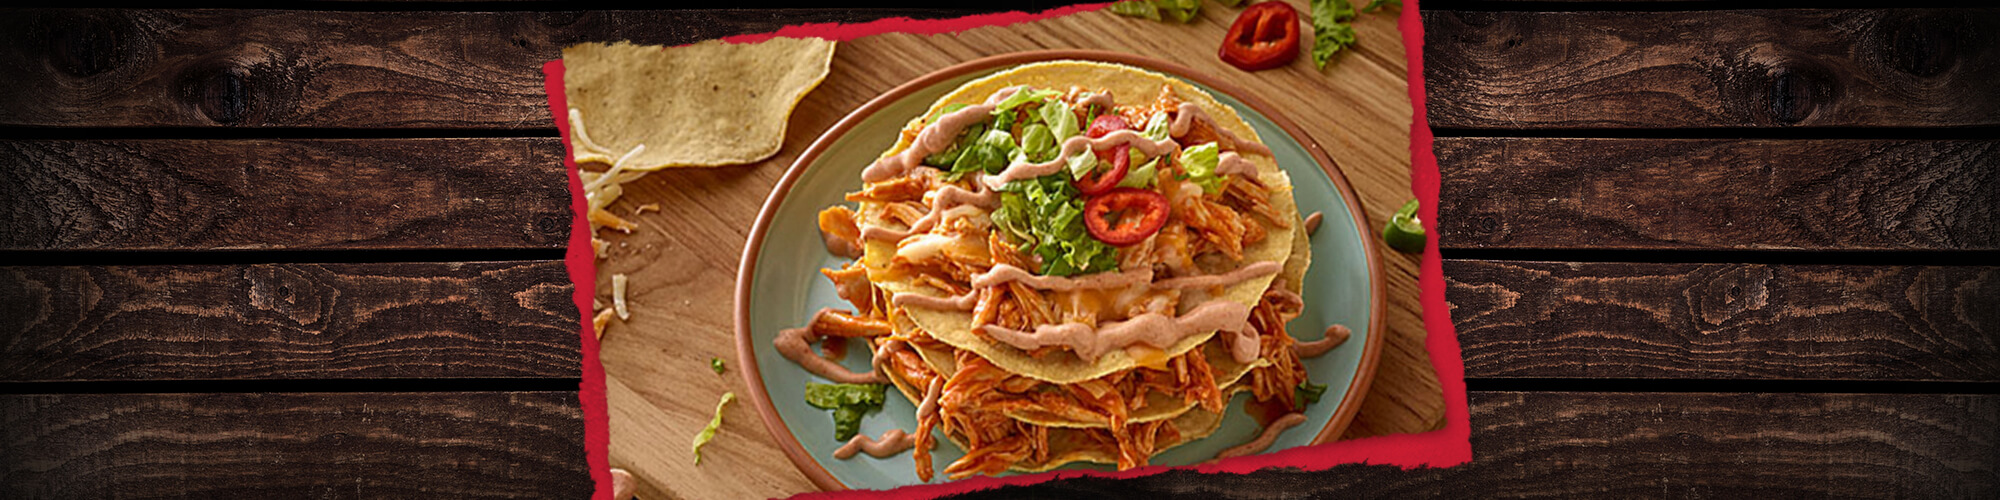 Salsas rotisserie chicken enchilada stack